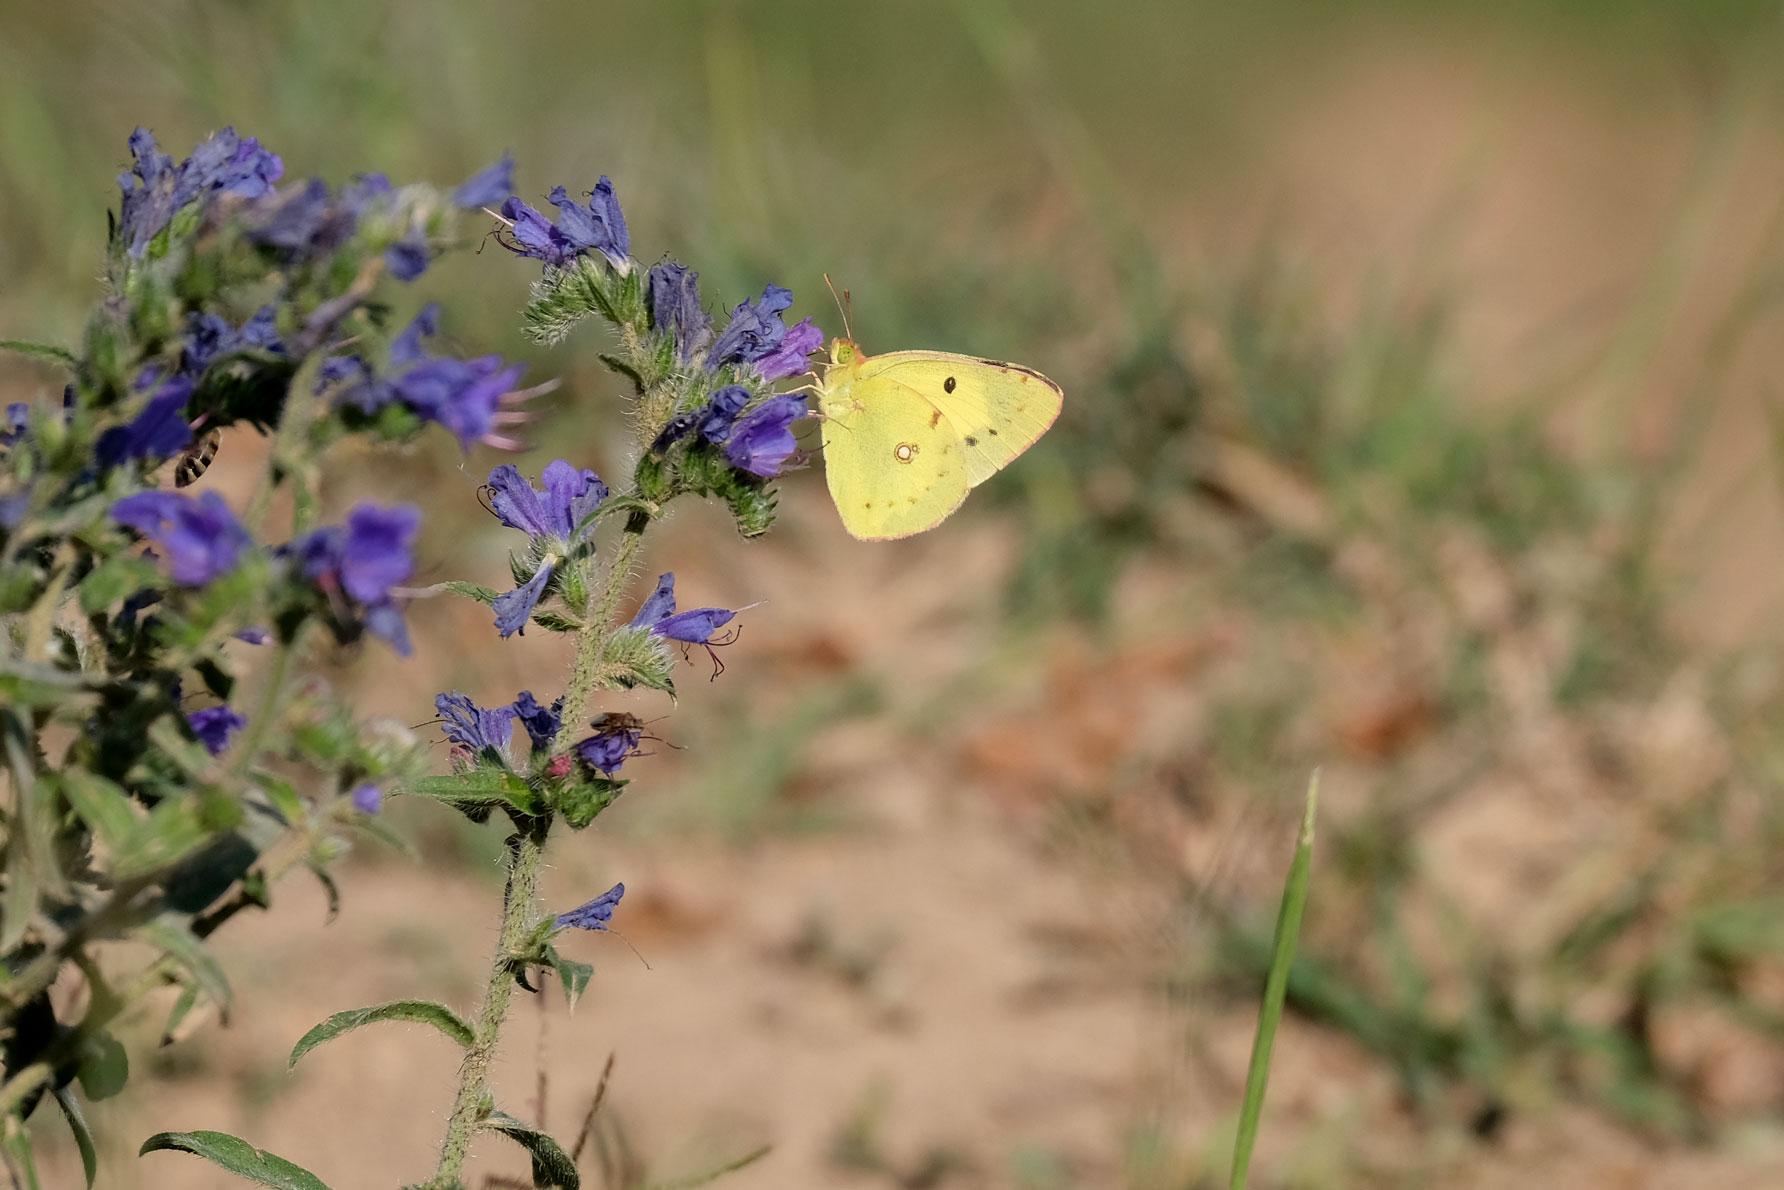 Ein gelber Schmetterling trinkt Nektar an einer blauen Blume.